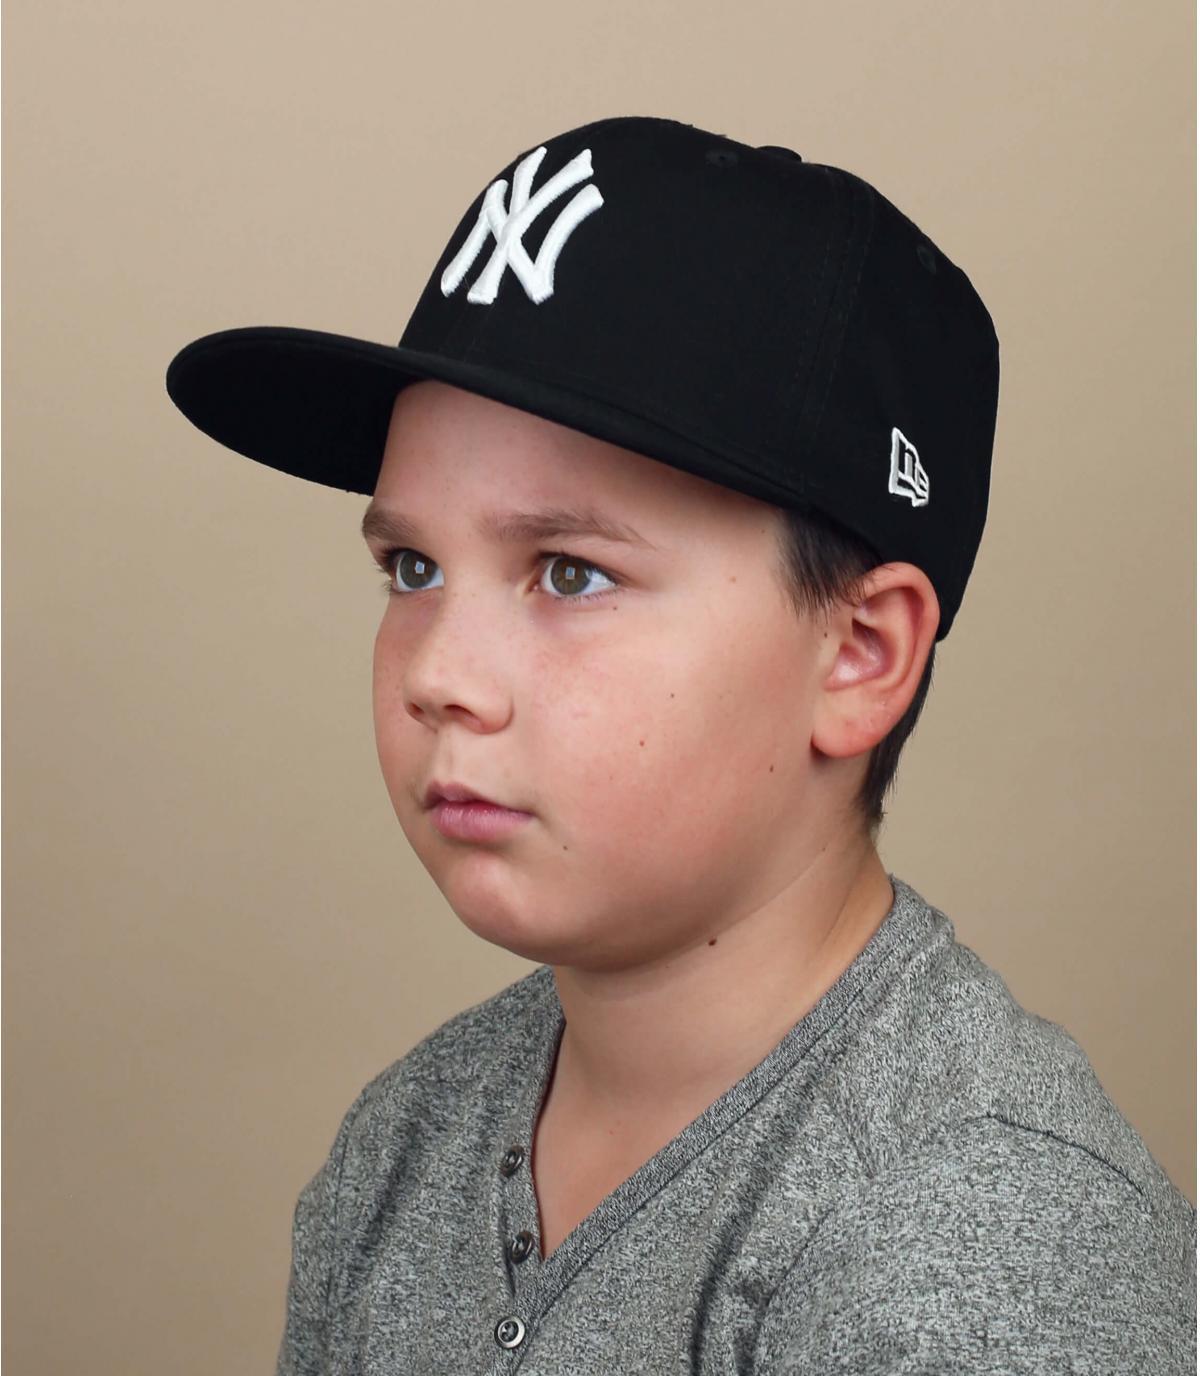 gorra niño NY negro blanco